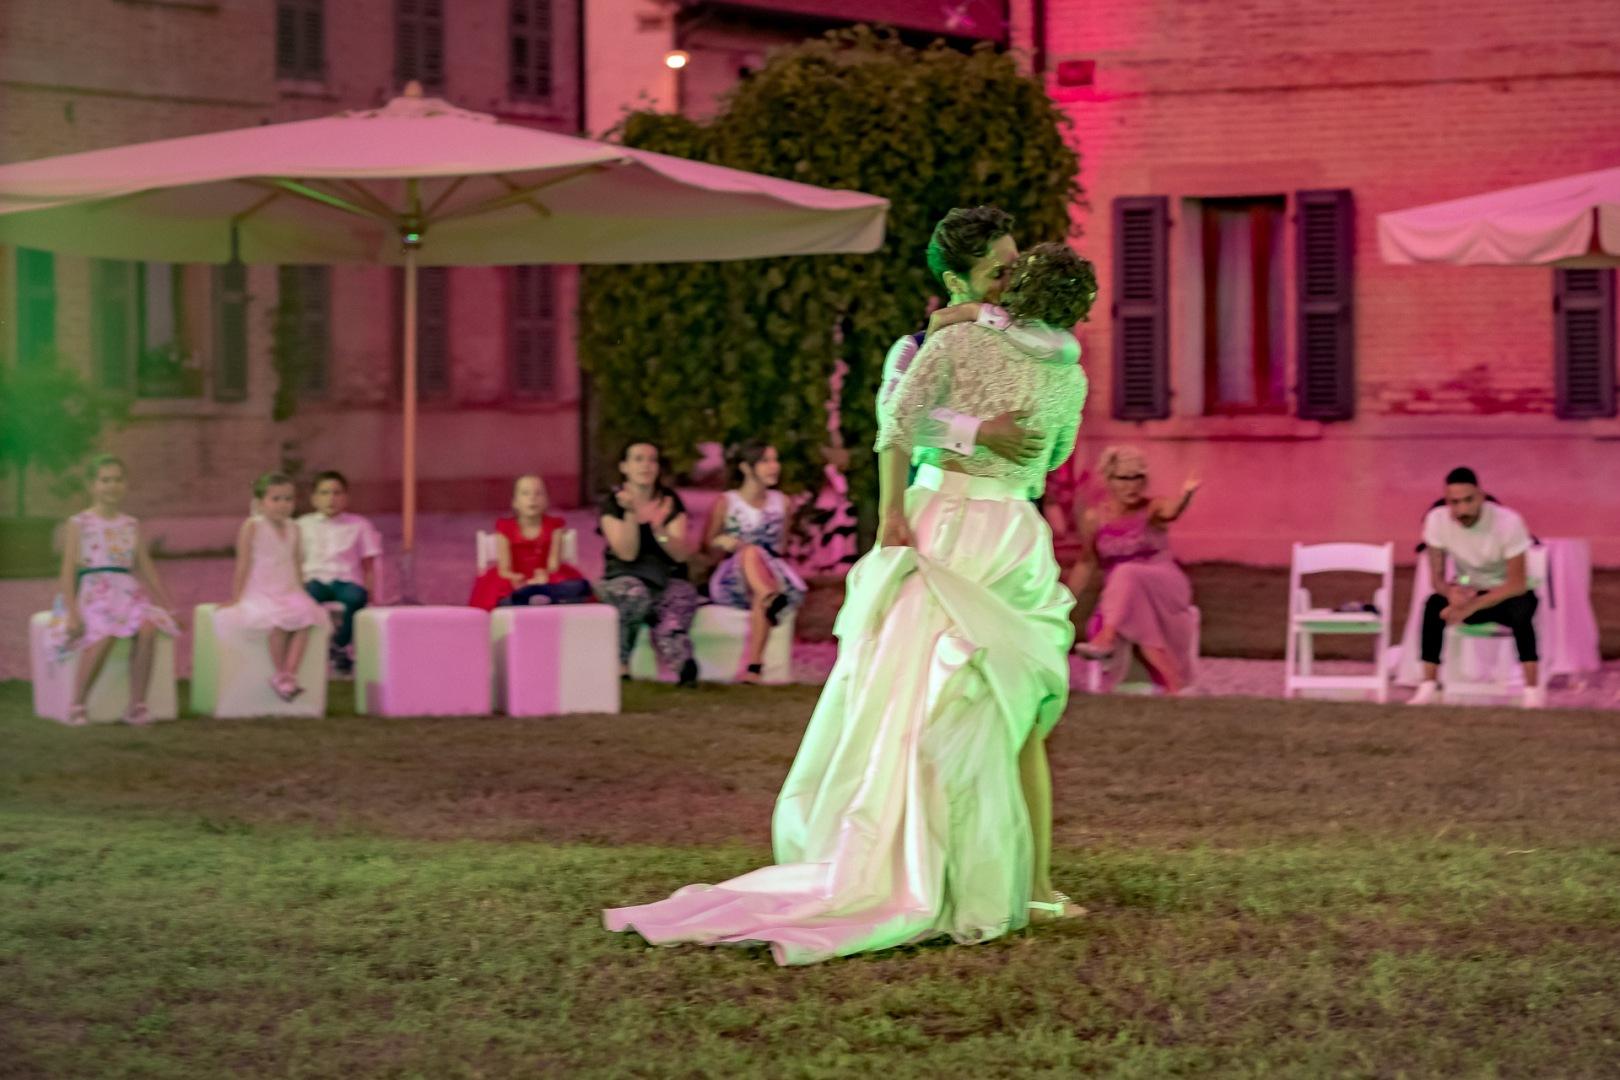 nicola-da-lio-wedding-photographer-venezia-treviso-padova-veneto-italia-156